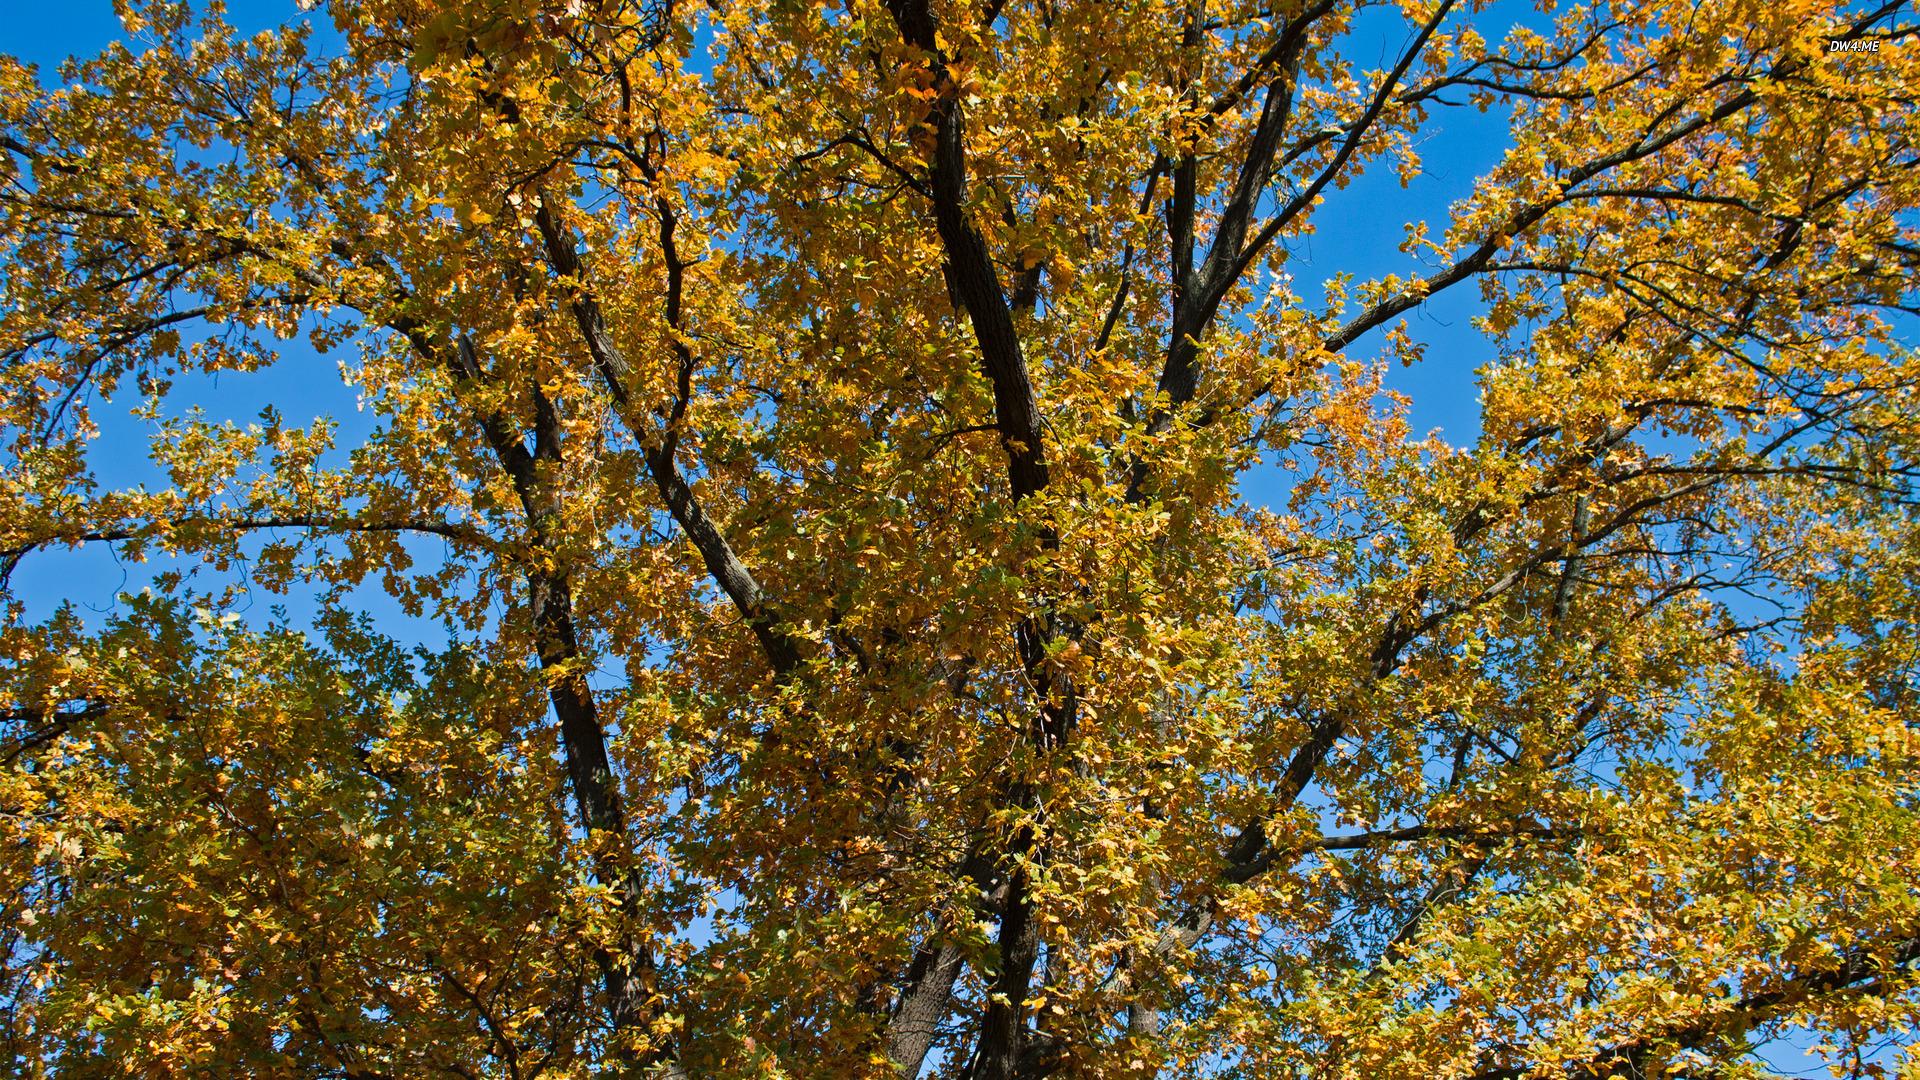 Oak Tree   Tree Leaves Yellow Tree Sky Branch Sky Autumn Oak 1920x1080